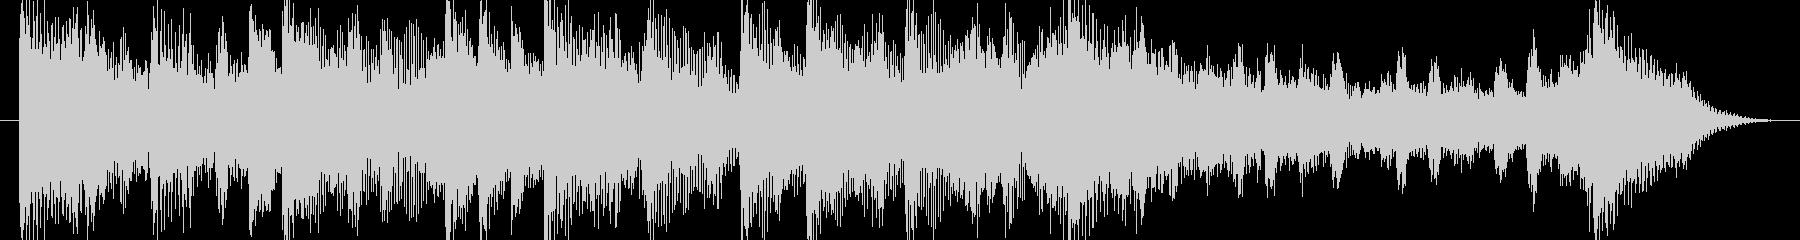 和む、でも少しクールなBGM-15秒の未再生の波形